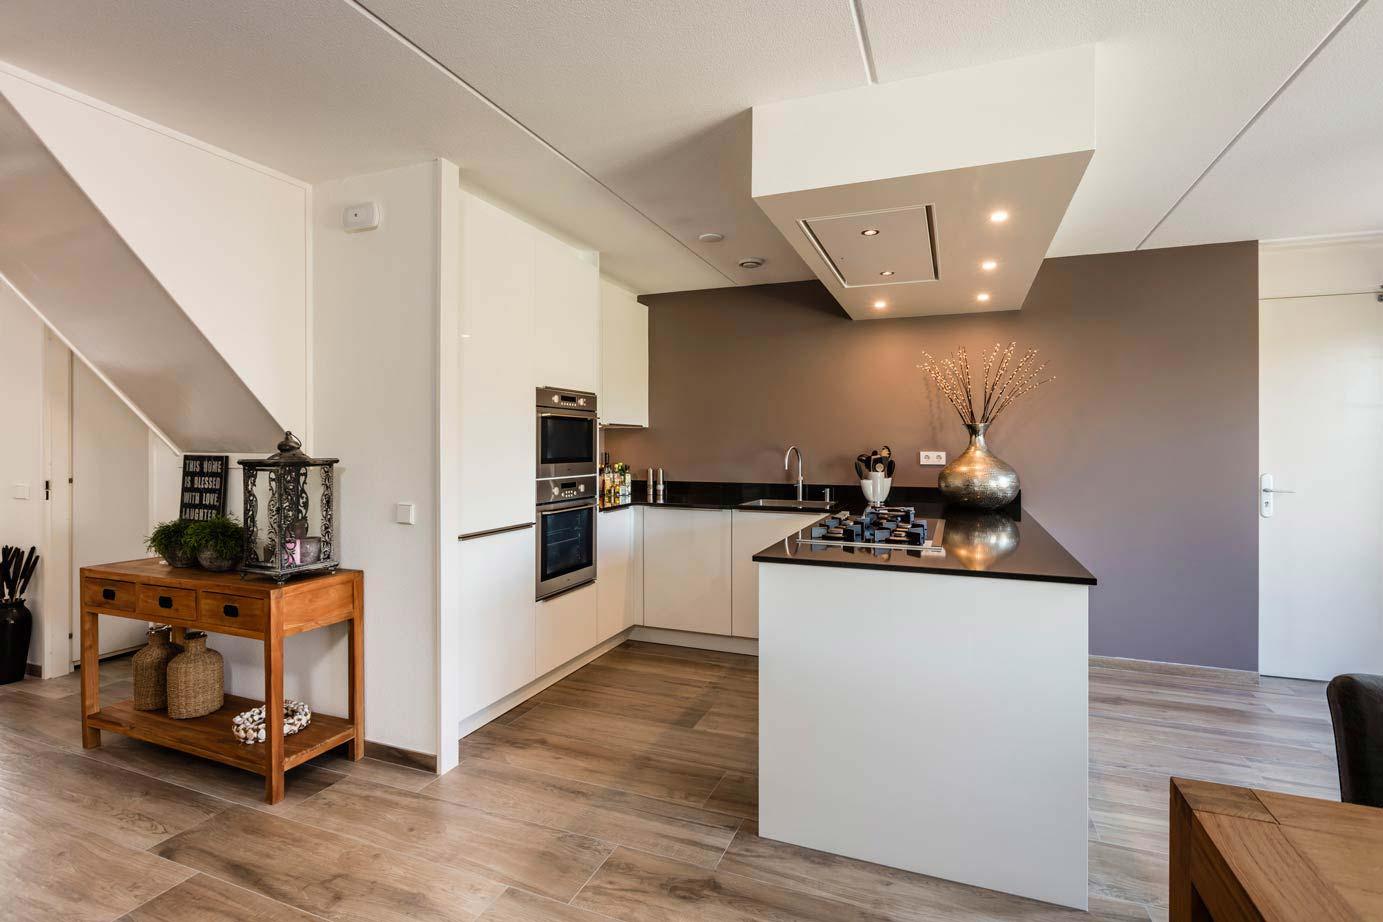 Moderne keukens alles wat u moet weten mét vele